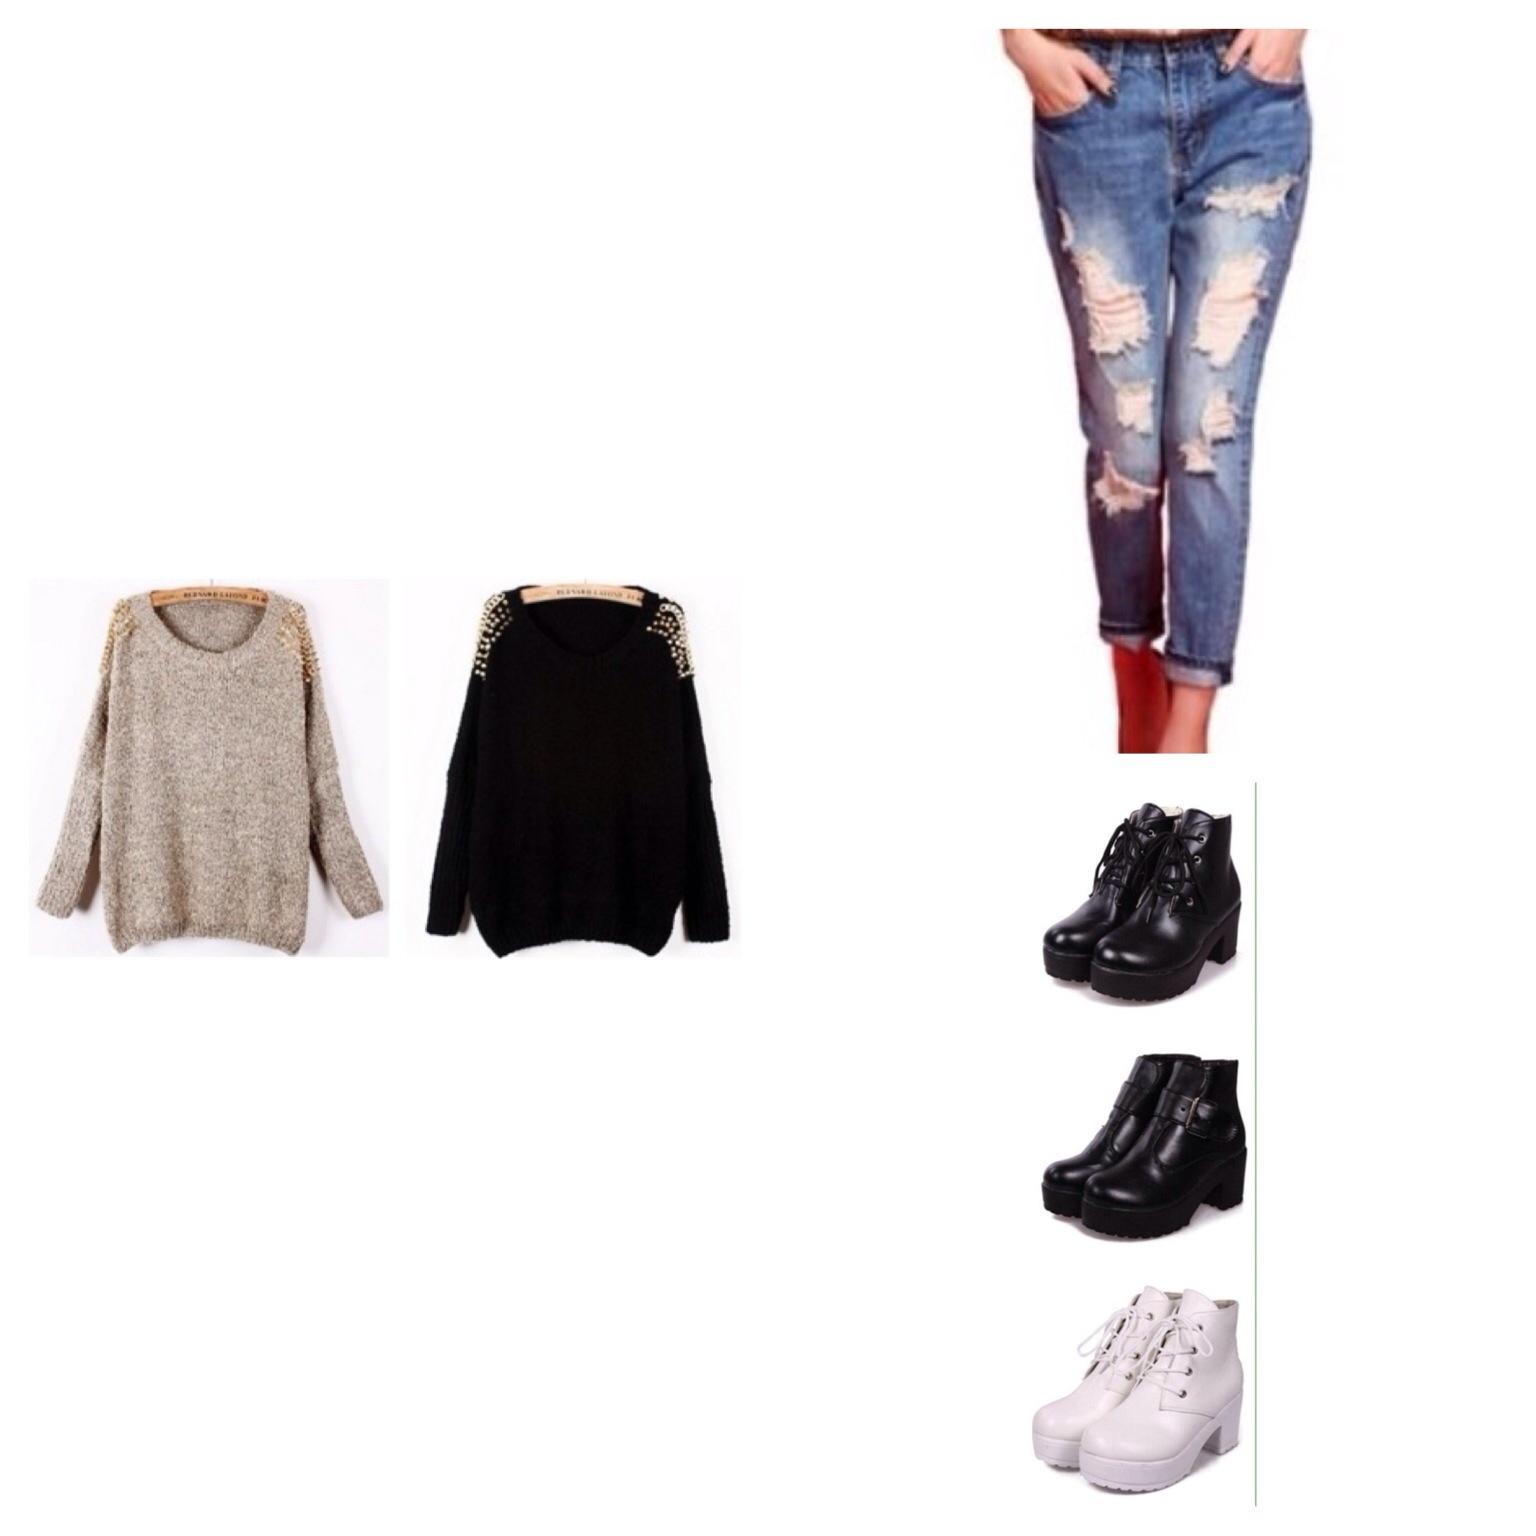 Tienda de ropa online tumblr